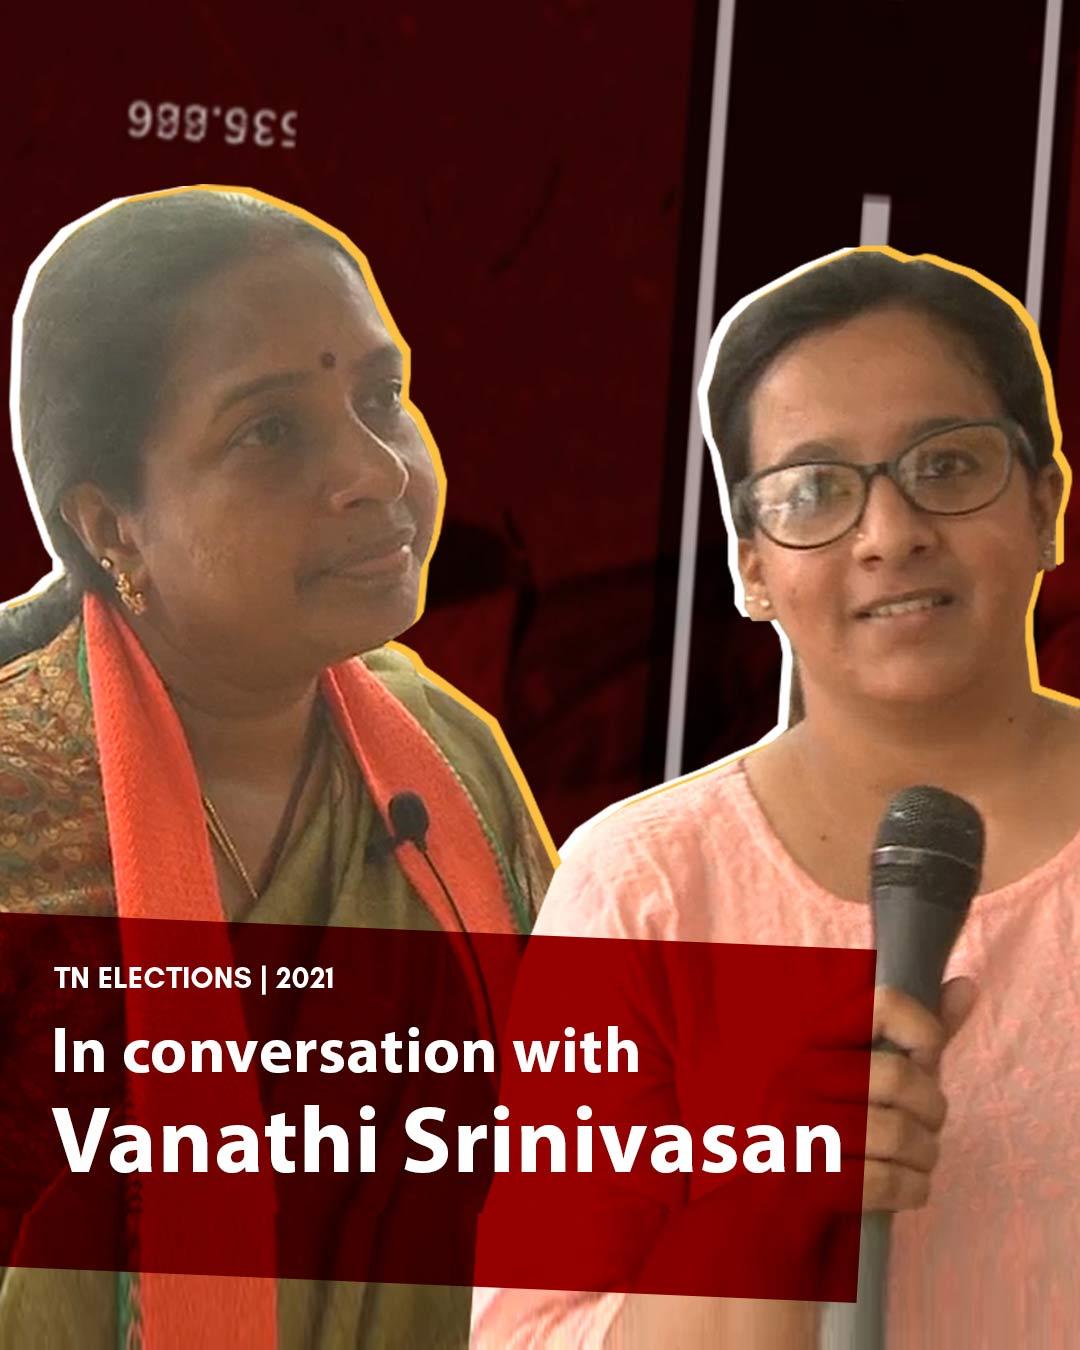 Centre open to dialogue on CAA: BJP's Vanathi Srinivasan to TNM